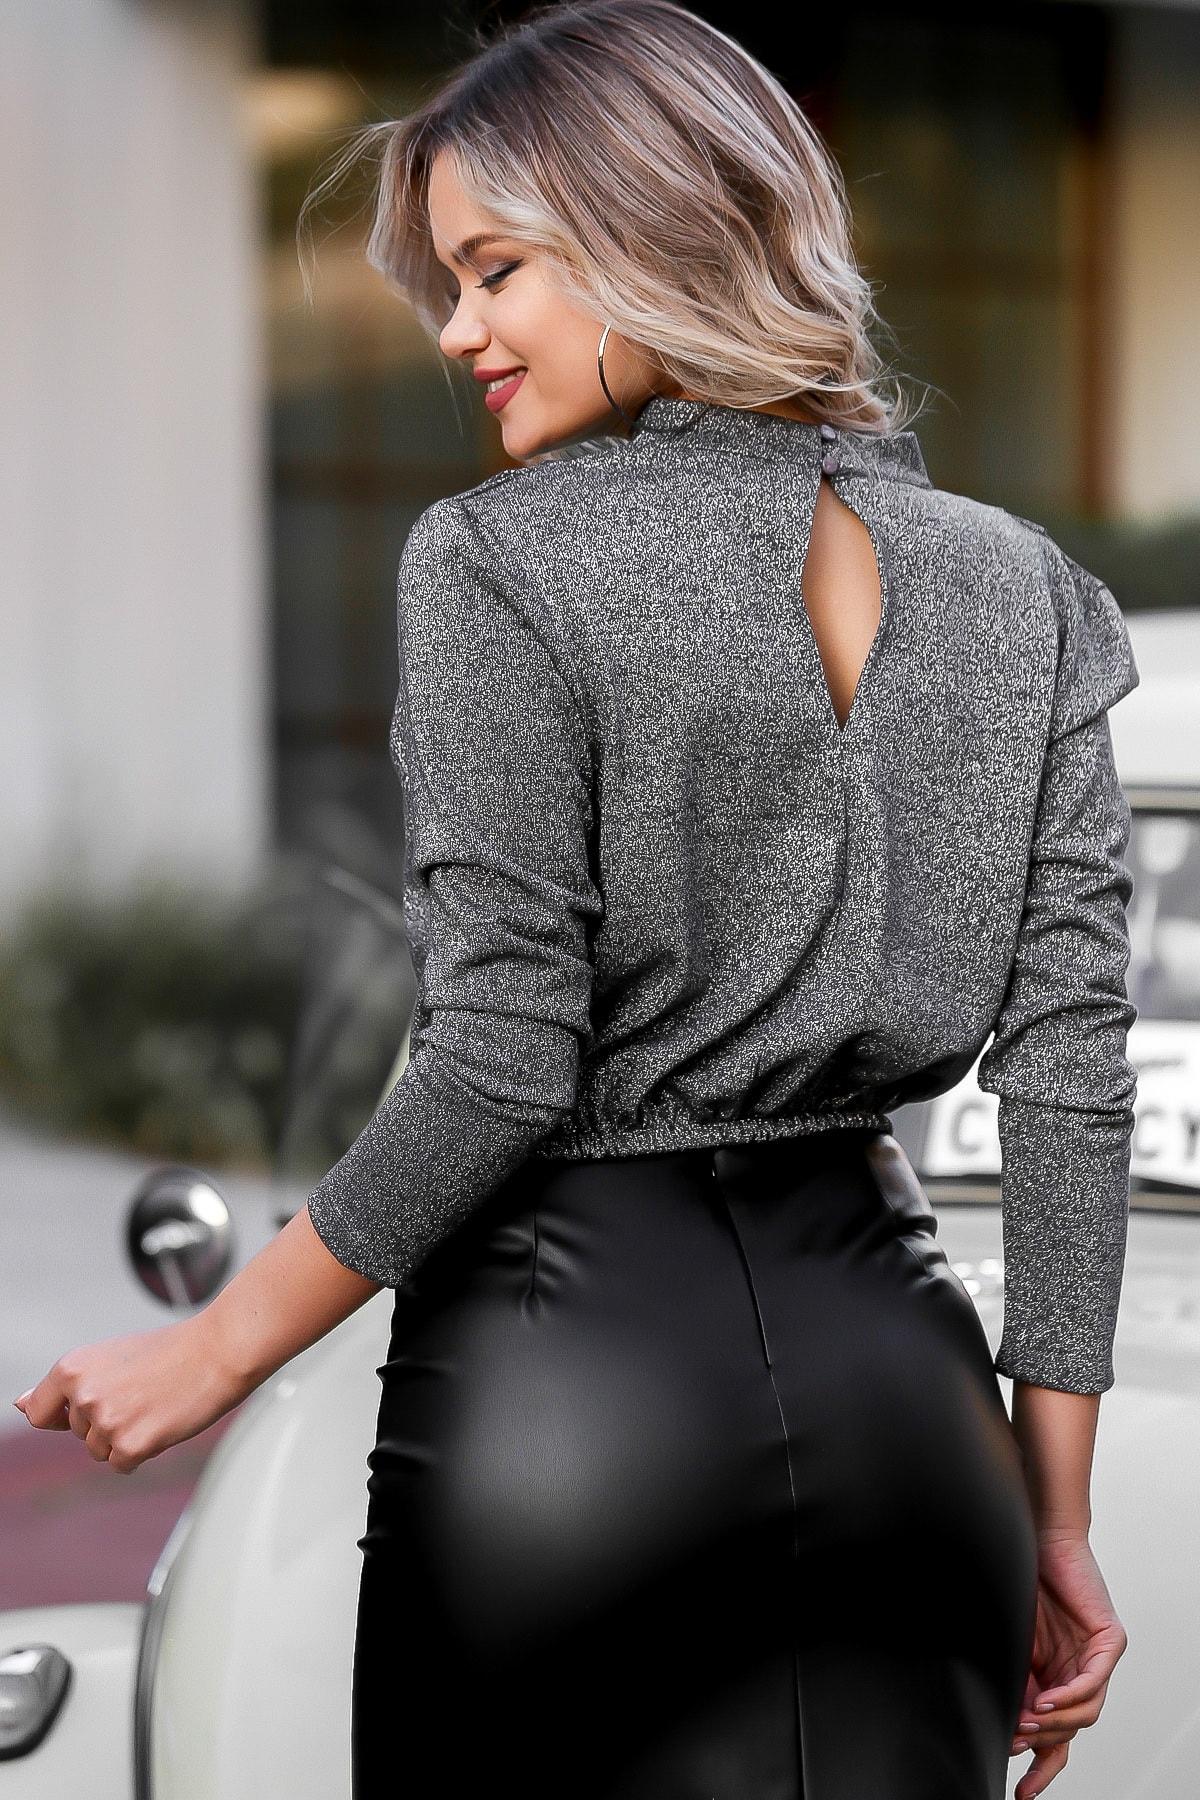 Chiccy Kadın Gümüş Dik Yaka Omuzları Pileli Beli Lastikli Bluz M10010200BL95721 4